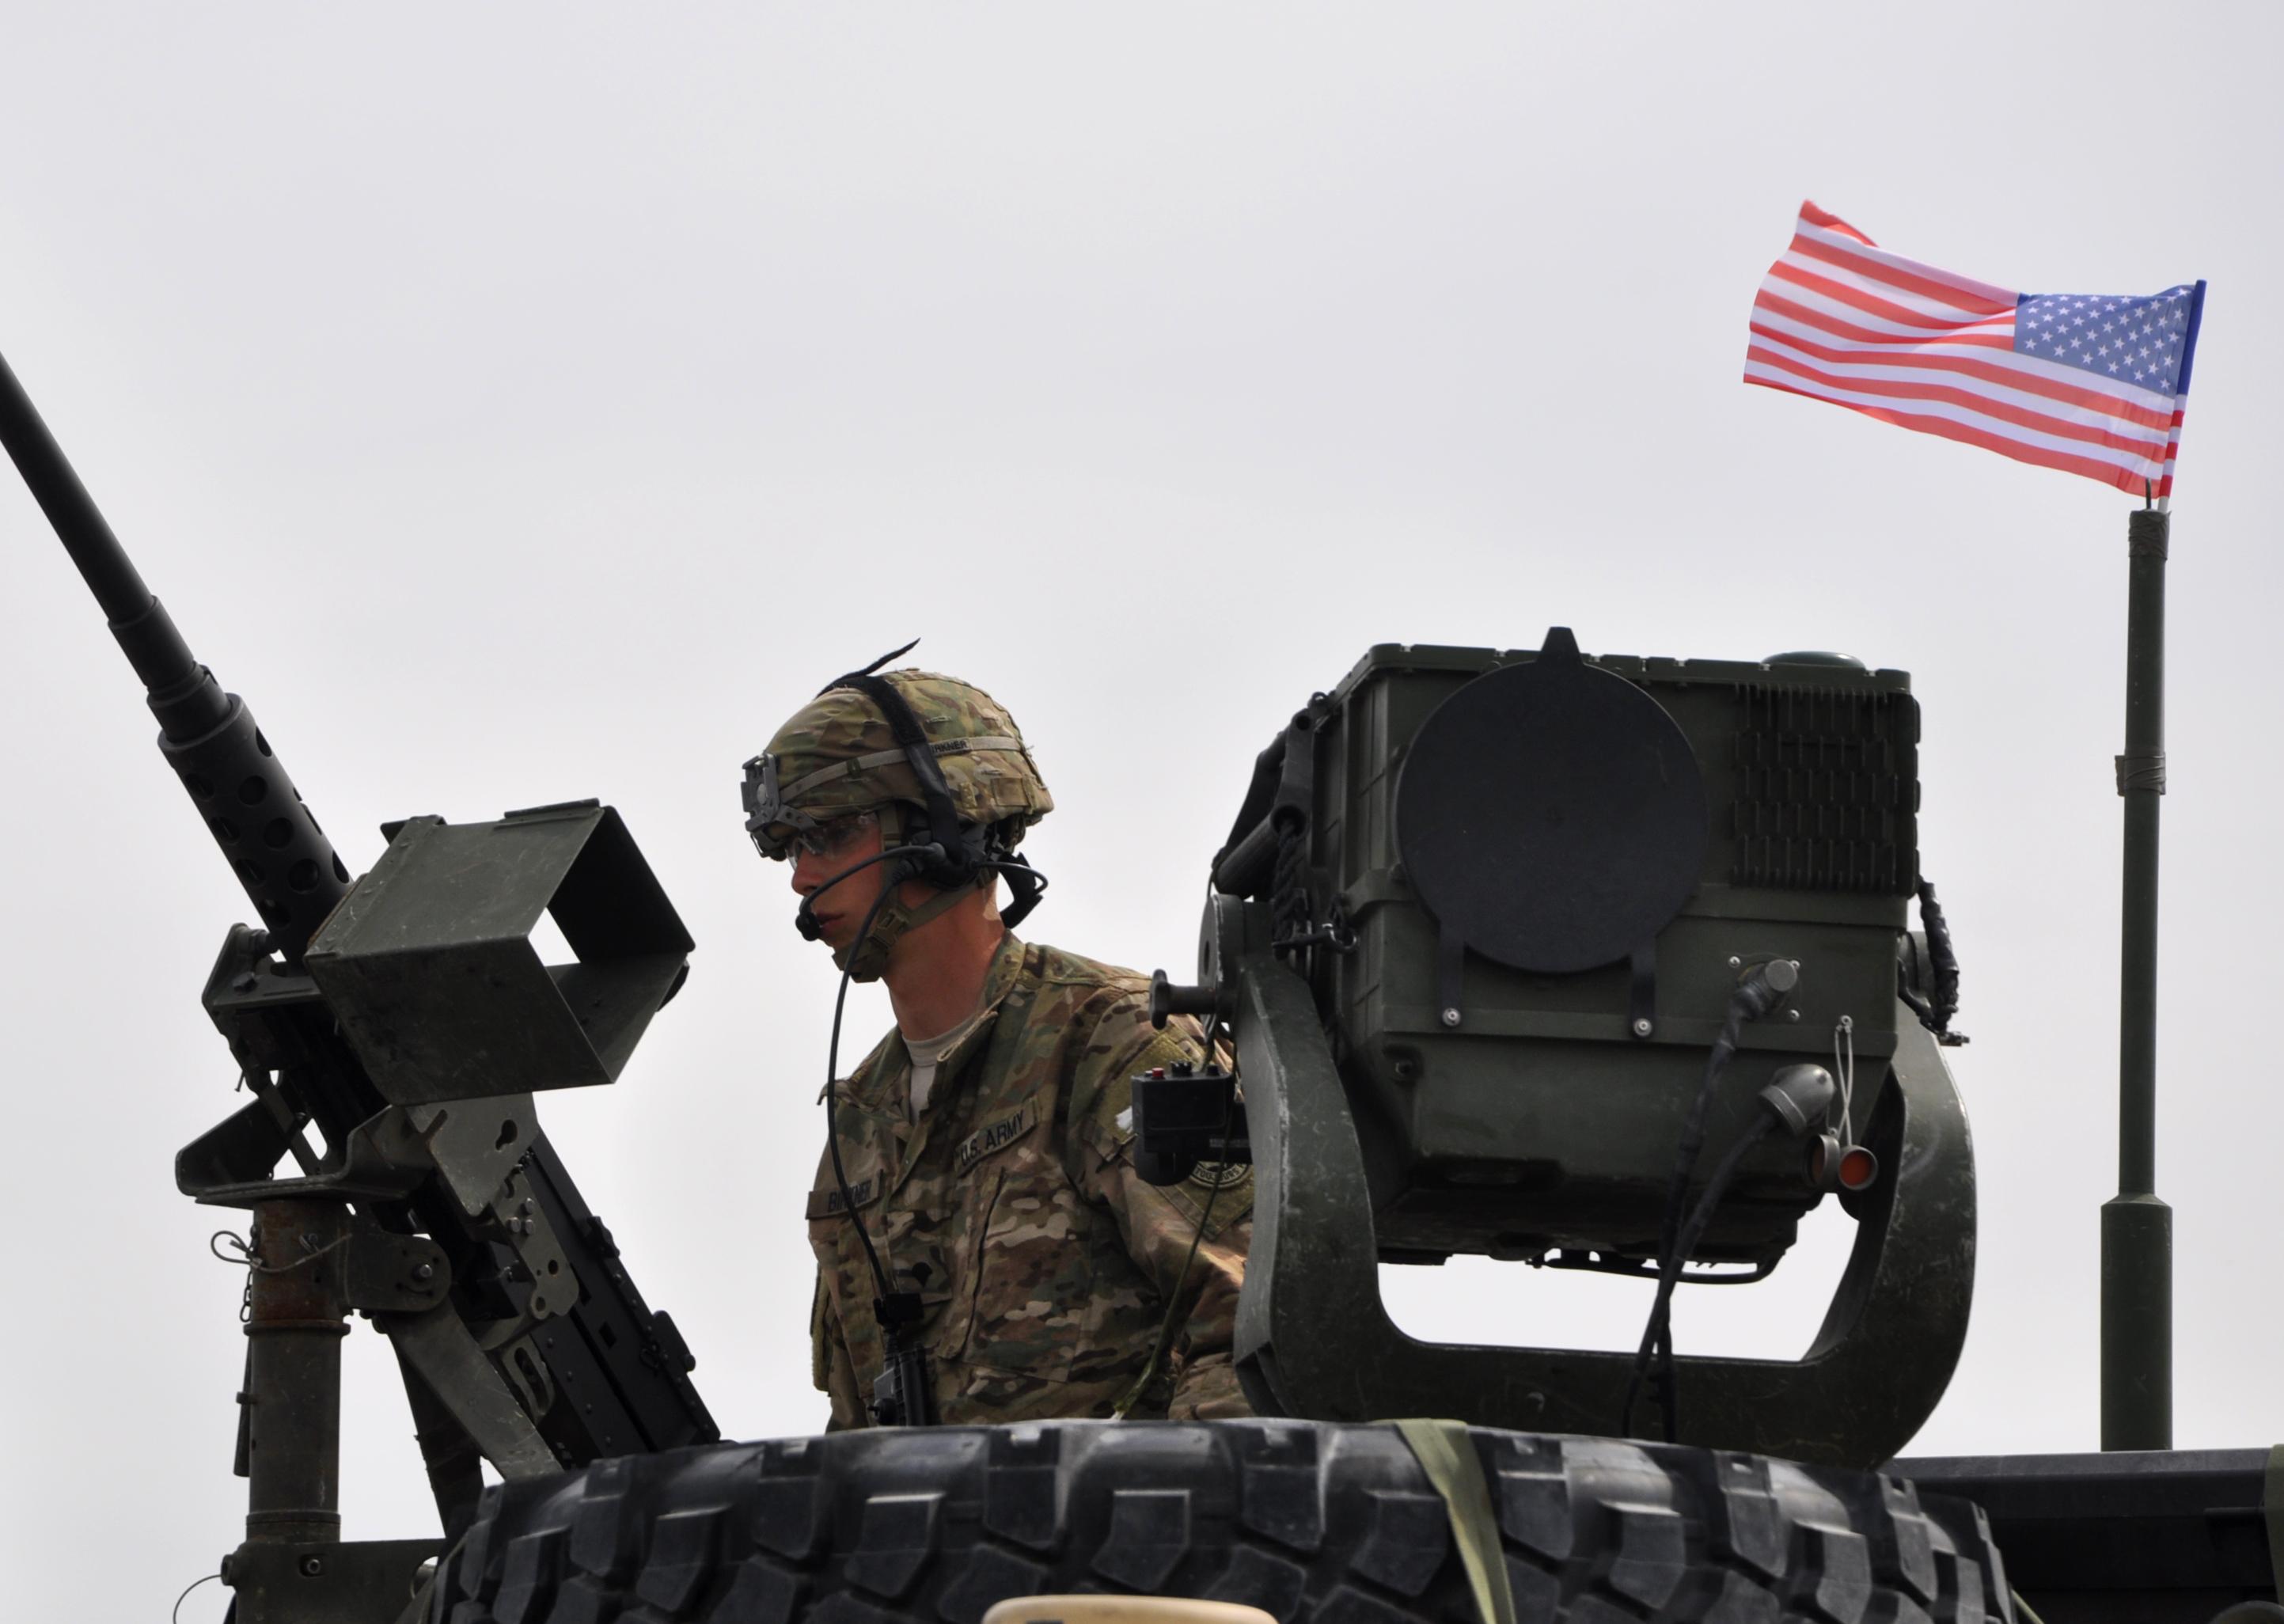 De 1 Decembrie, SUA aduce 70 de piese de echipament militar in Romania. Ce spun oficialii americani despre aceasta mutare